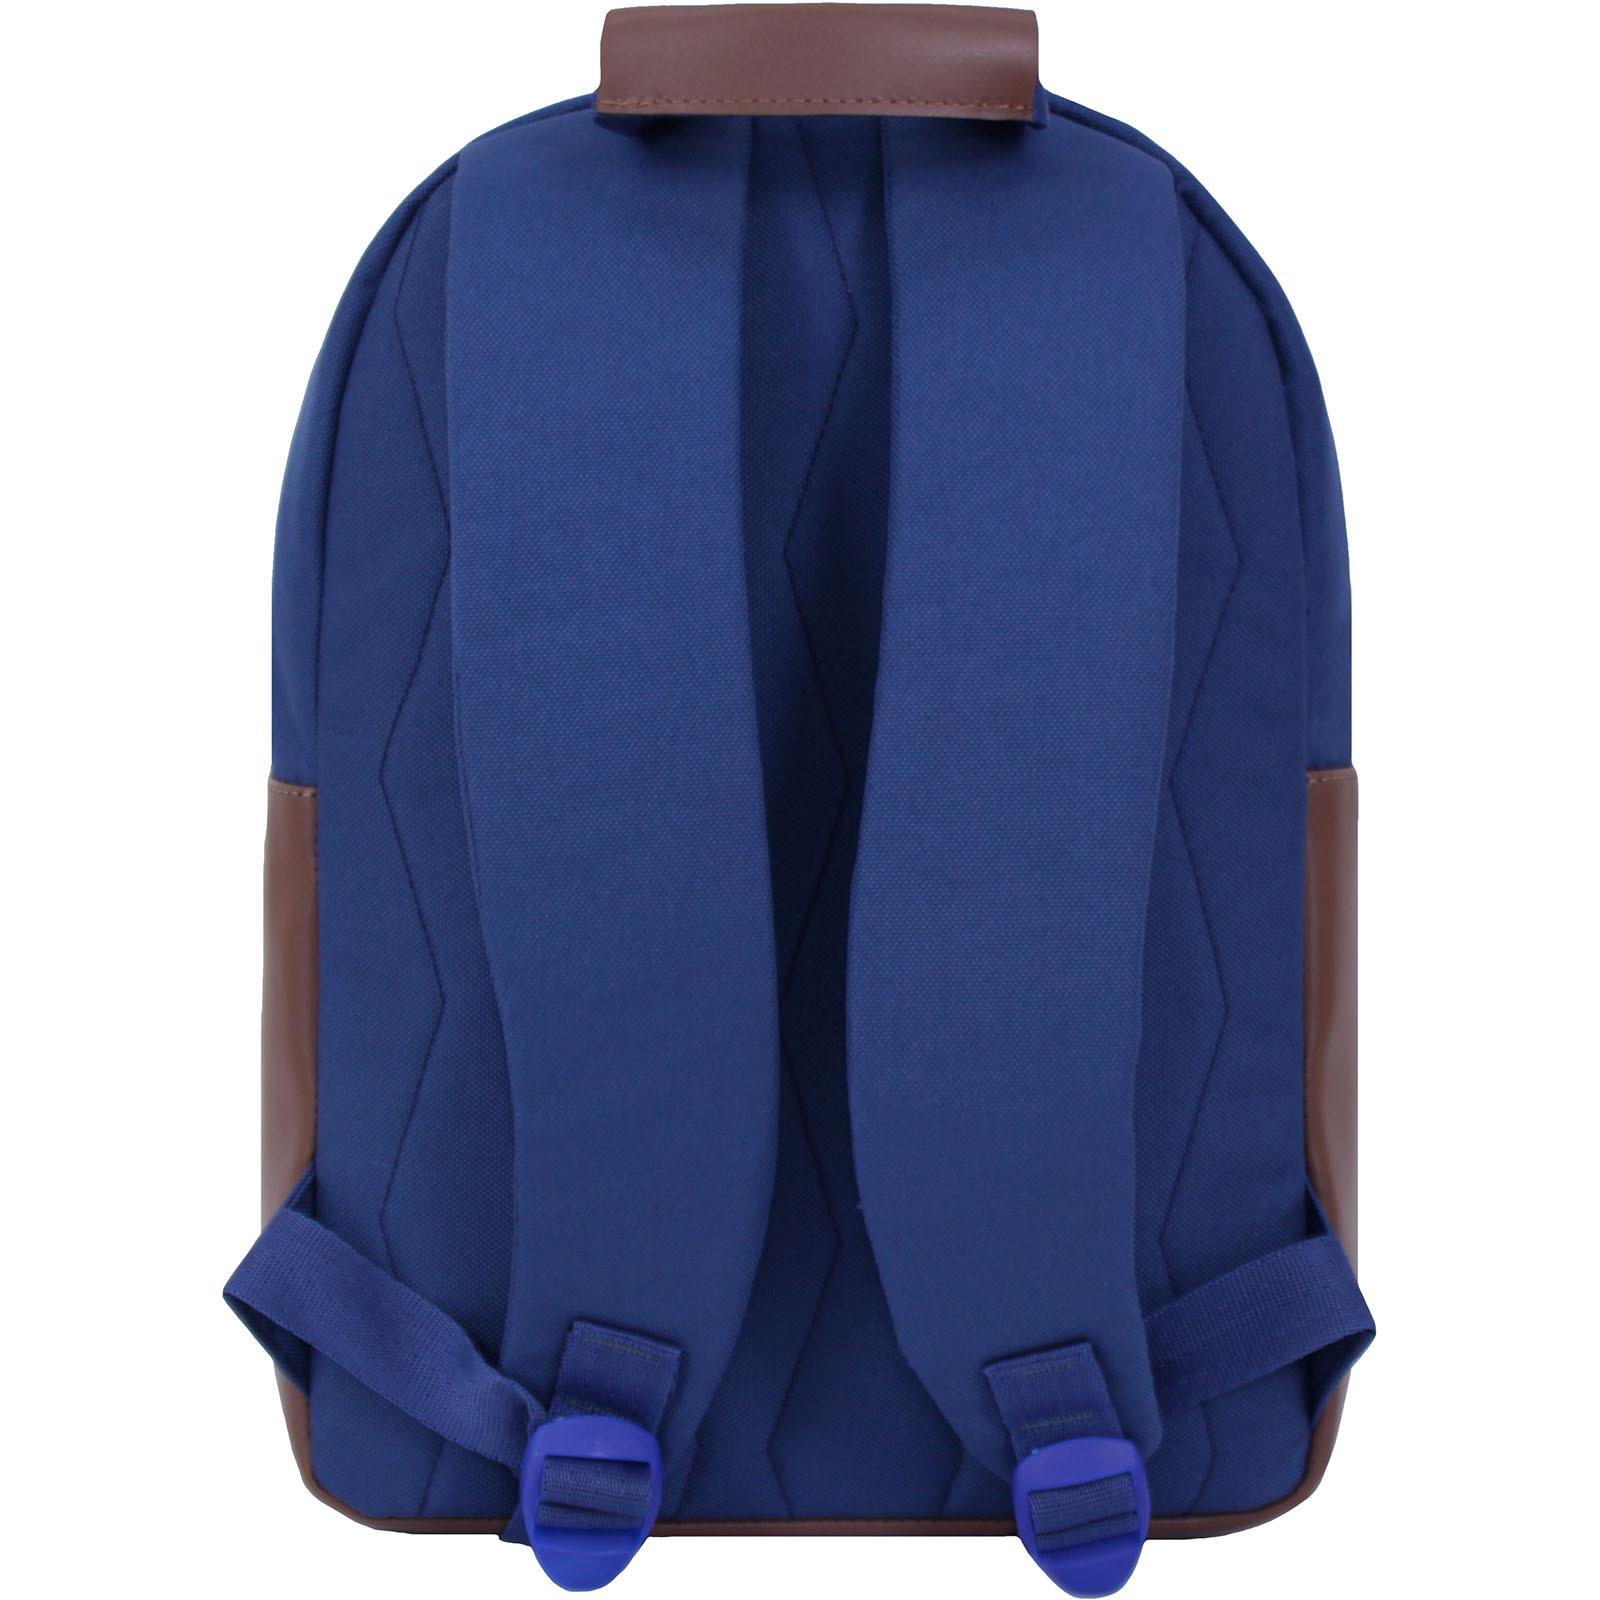 Рюкзак Bagland Frost 13 л. синий (00540663) фото 3